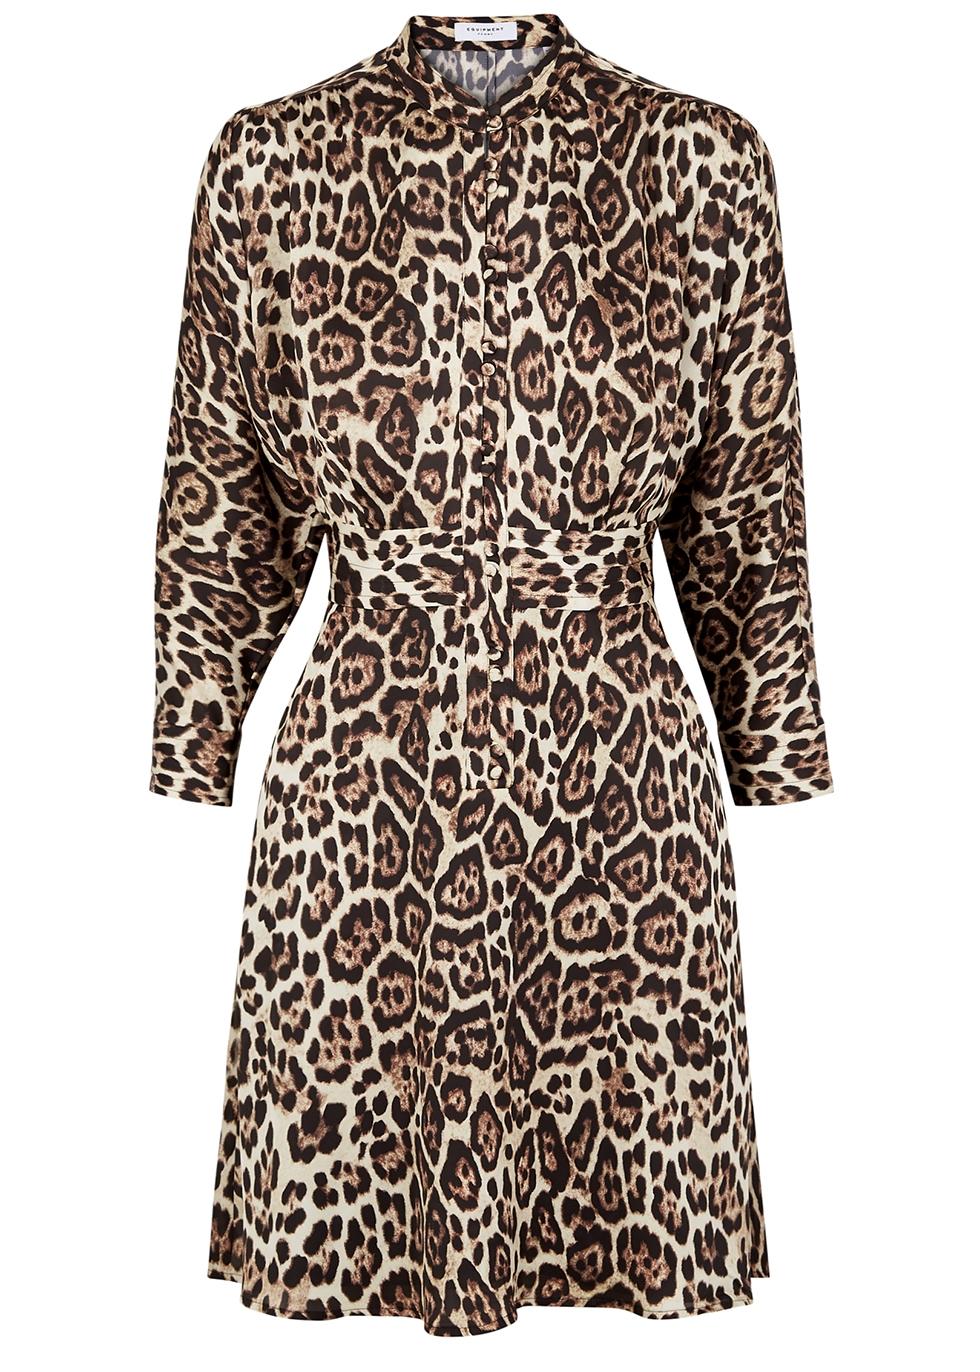 Adalicia leopard-print satin mini dress